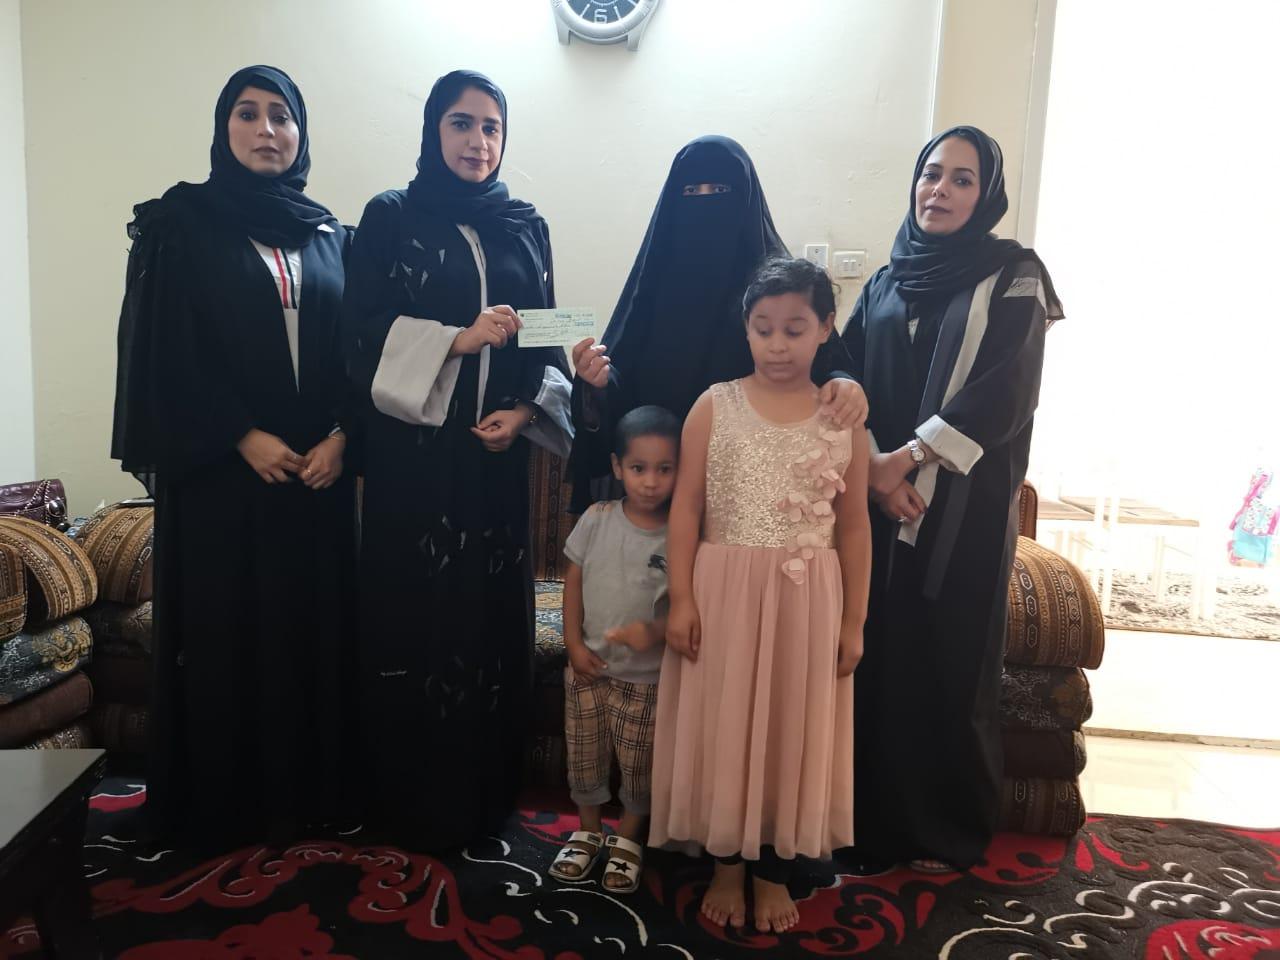 ضمن فعاليات عام التسامح لجنة تكافل الصحفيين في زيارة عائلية